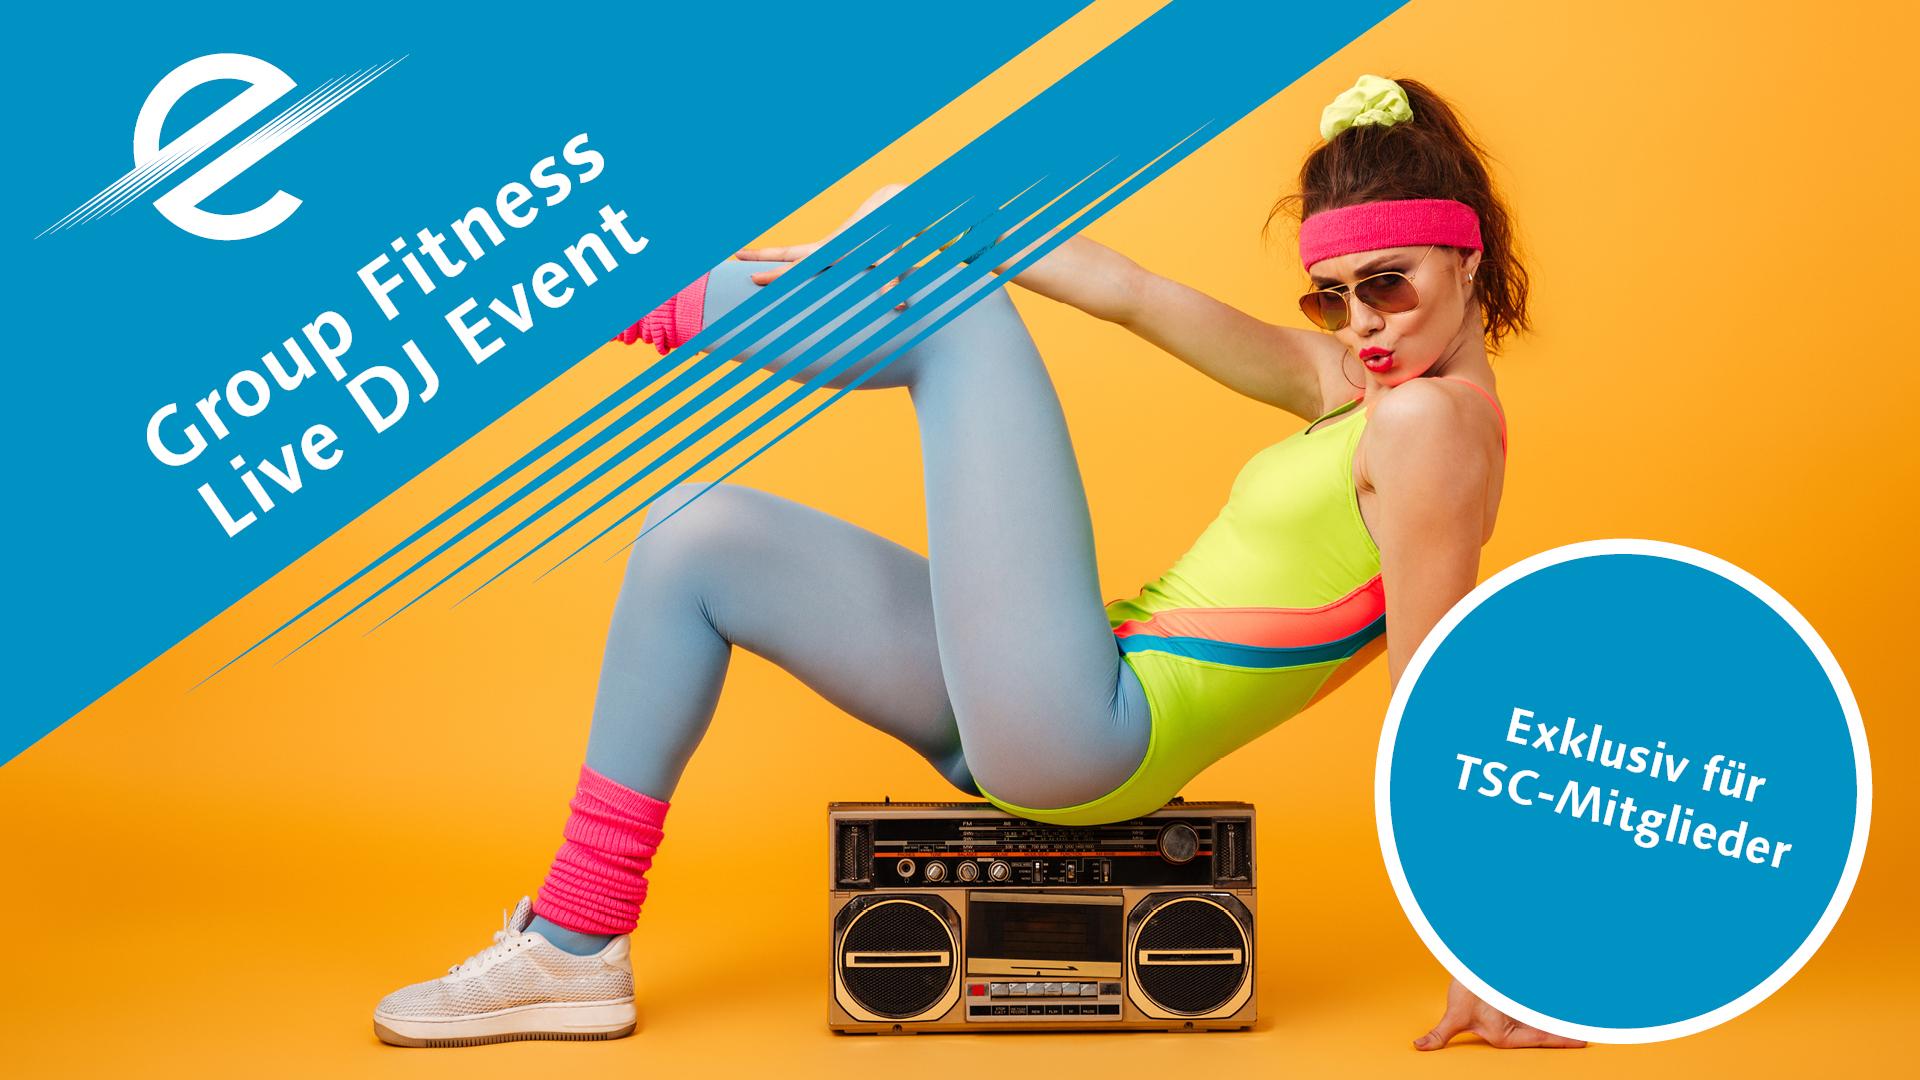 Group Fitness Live DJ Event